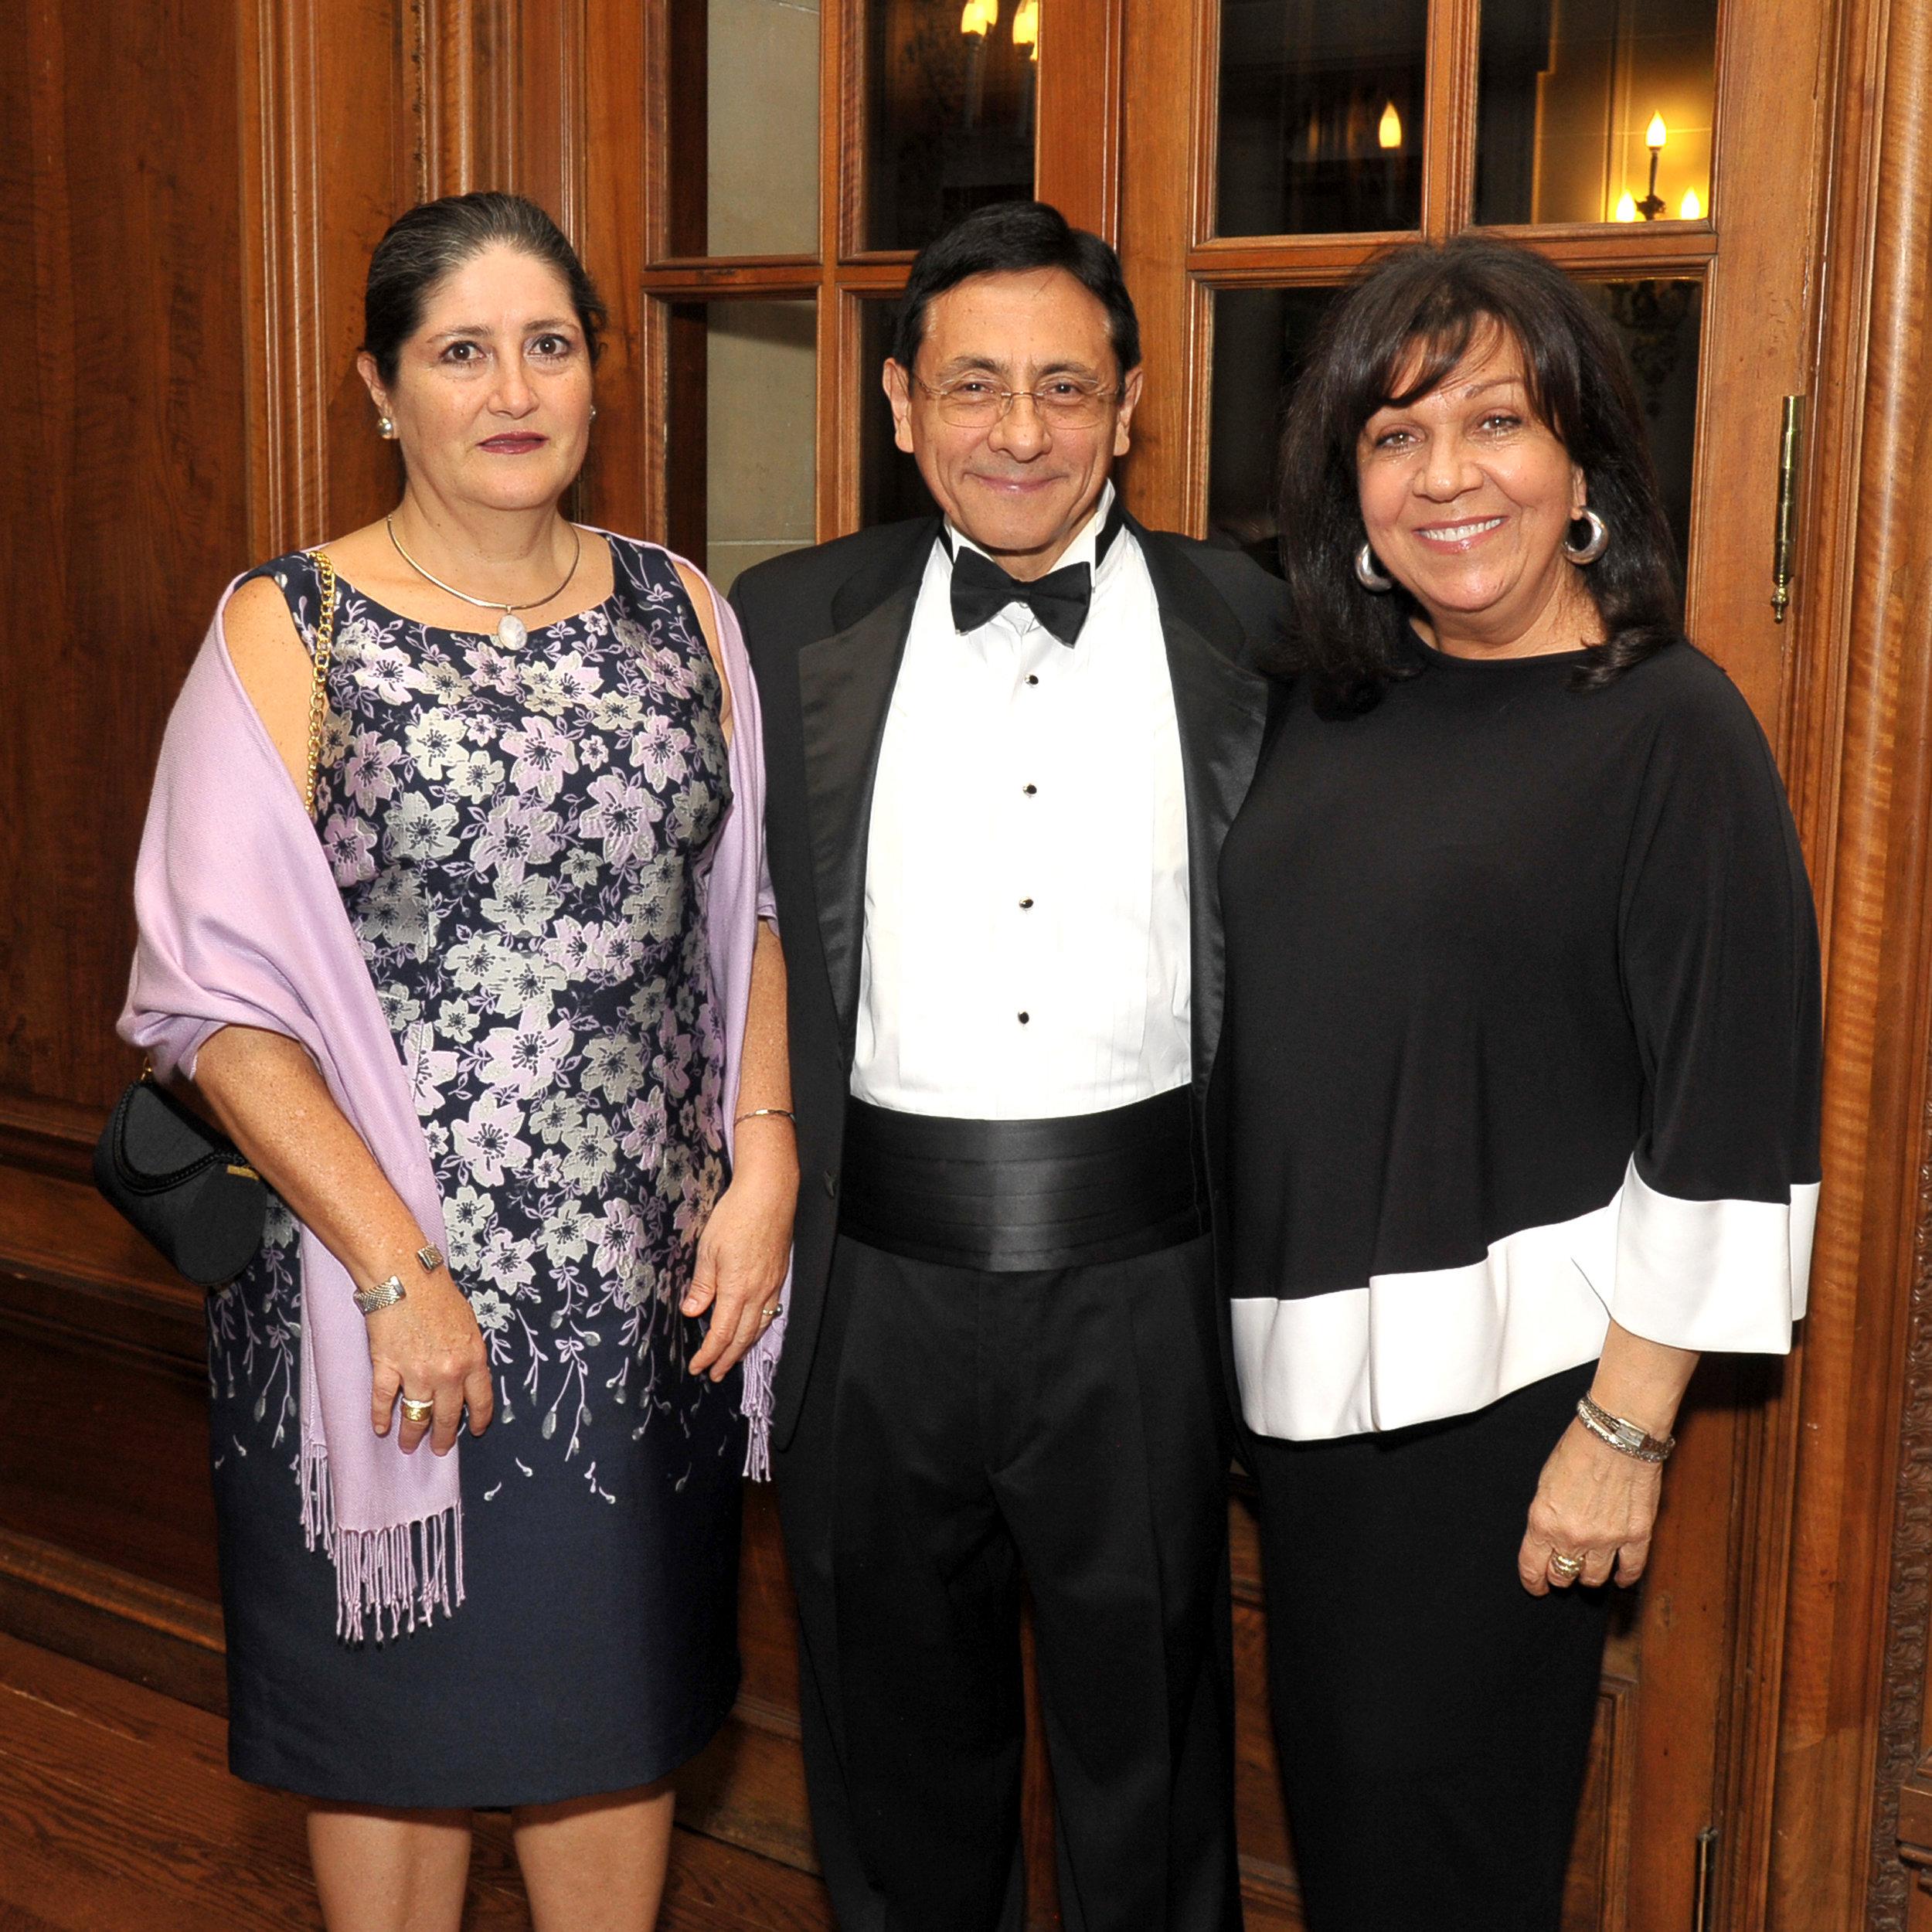 Cecilia and Hector Rasgado-Flores, Joanna Rolek